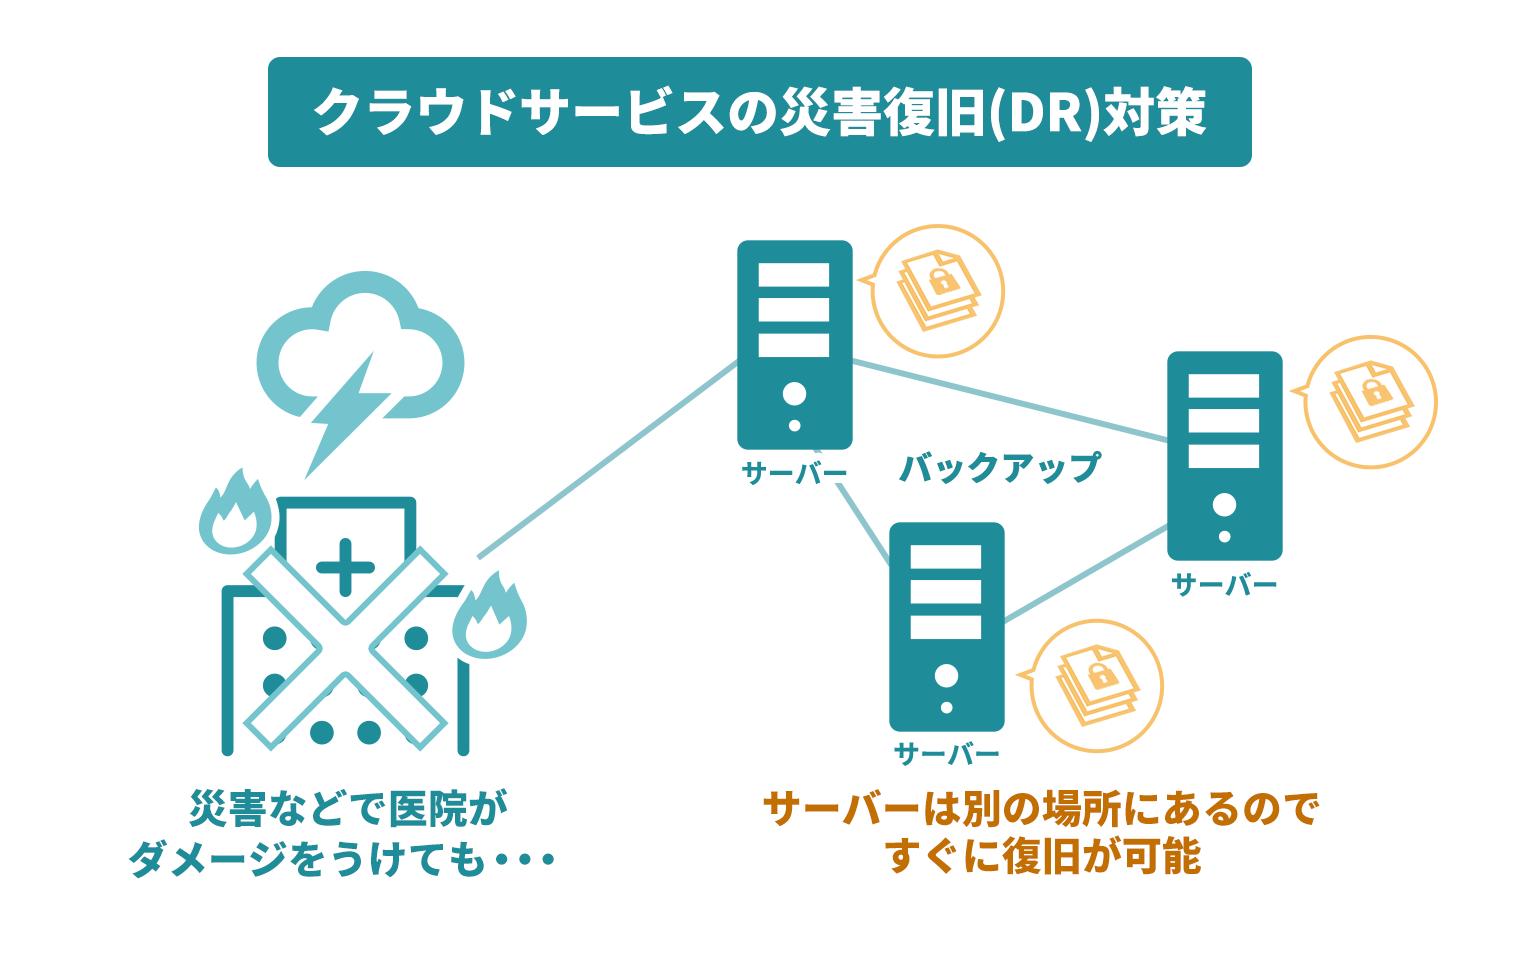 クラウド型電子カルテのセキュリティ_クラウドサービスのDR対策の図